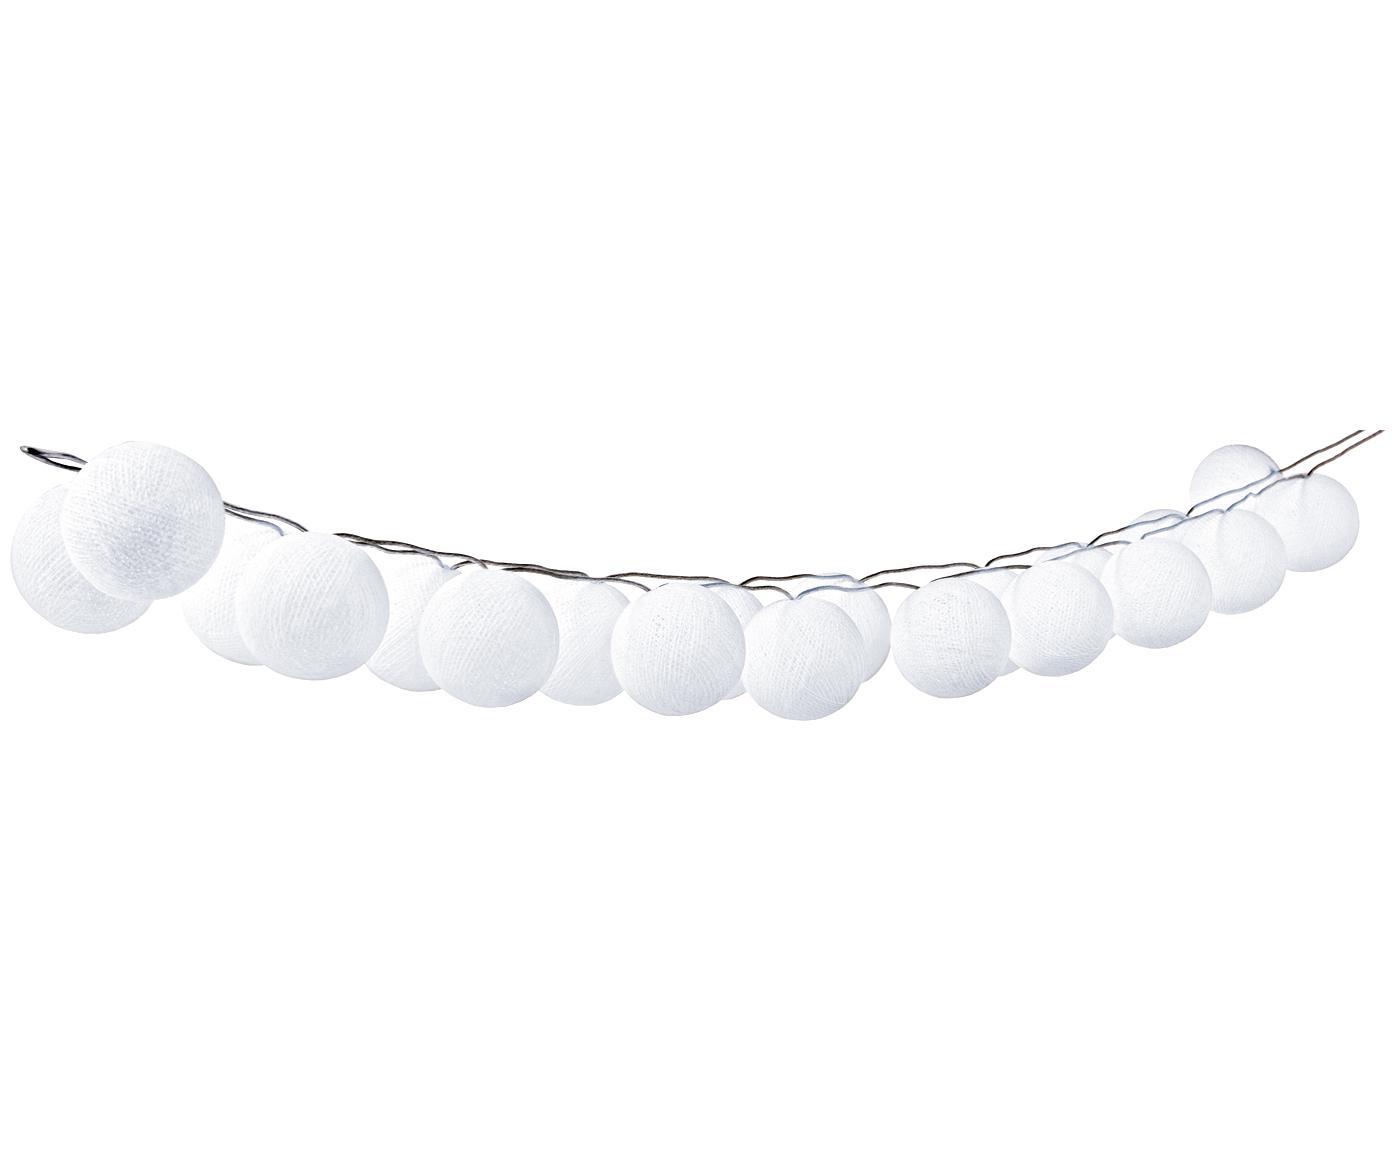 Světelný LED řetěz Bellin, 320 cm, Bílá